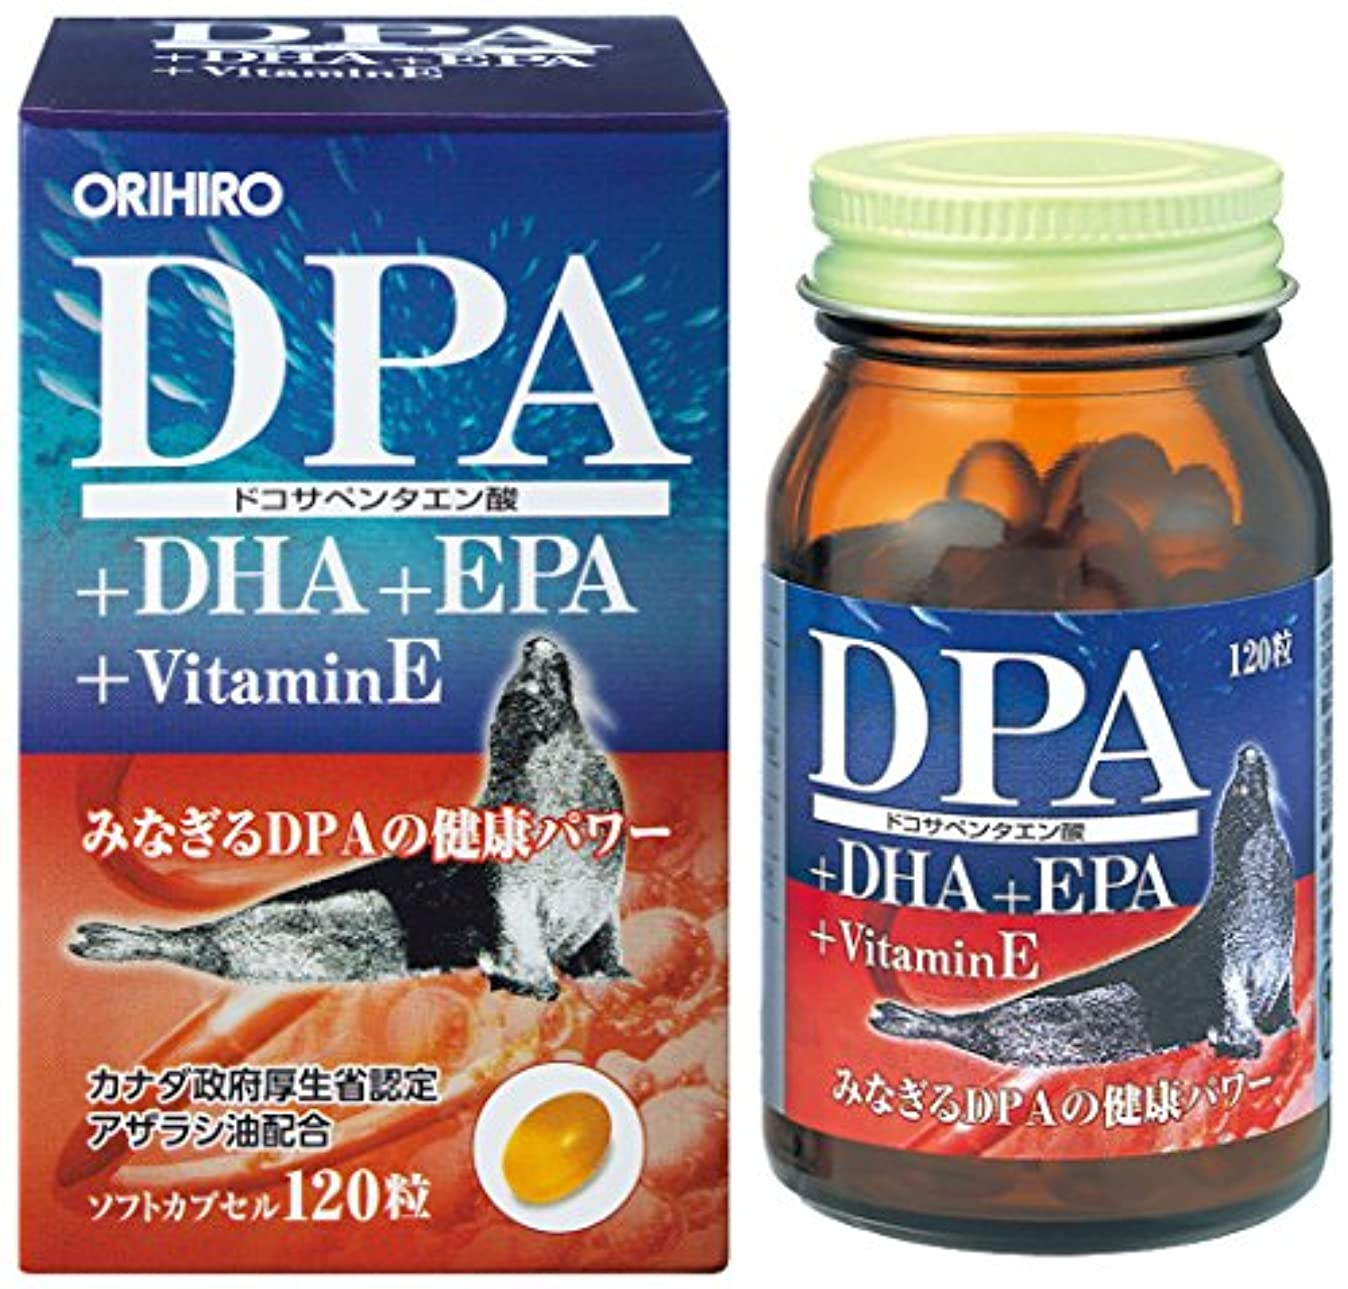 進むに頼る進化オリヒロ DPA+DHA+EPA+VitaminE 120粒